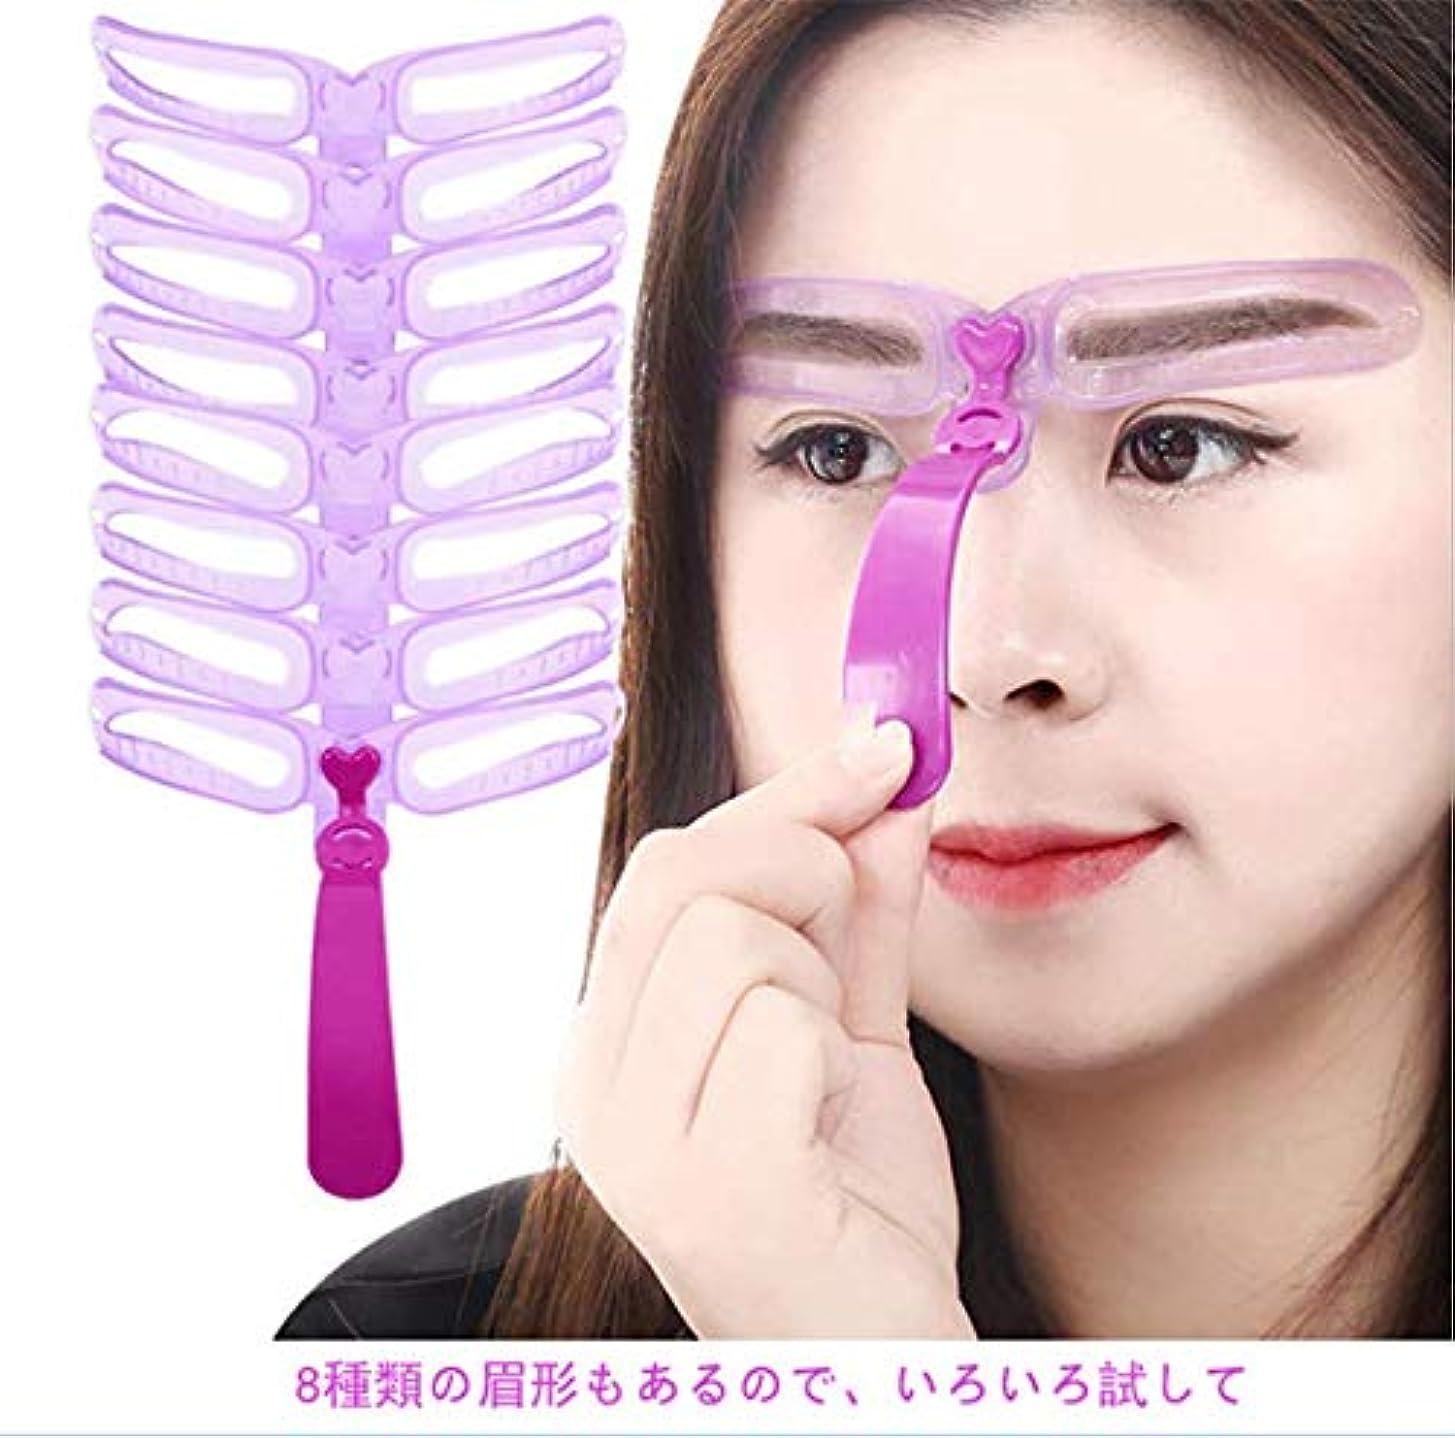 エンジニアシステム正しく眉毛テンプレート眉毛を気分で使い分け 8パターン 眉用ステンシル 男女兼用美容ツール